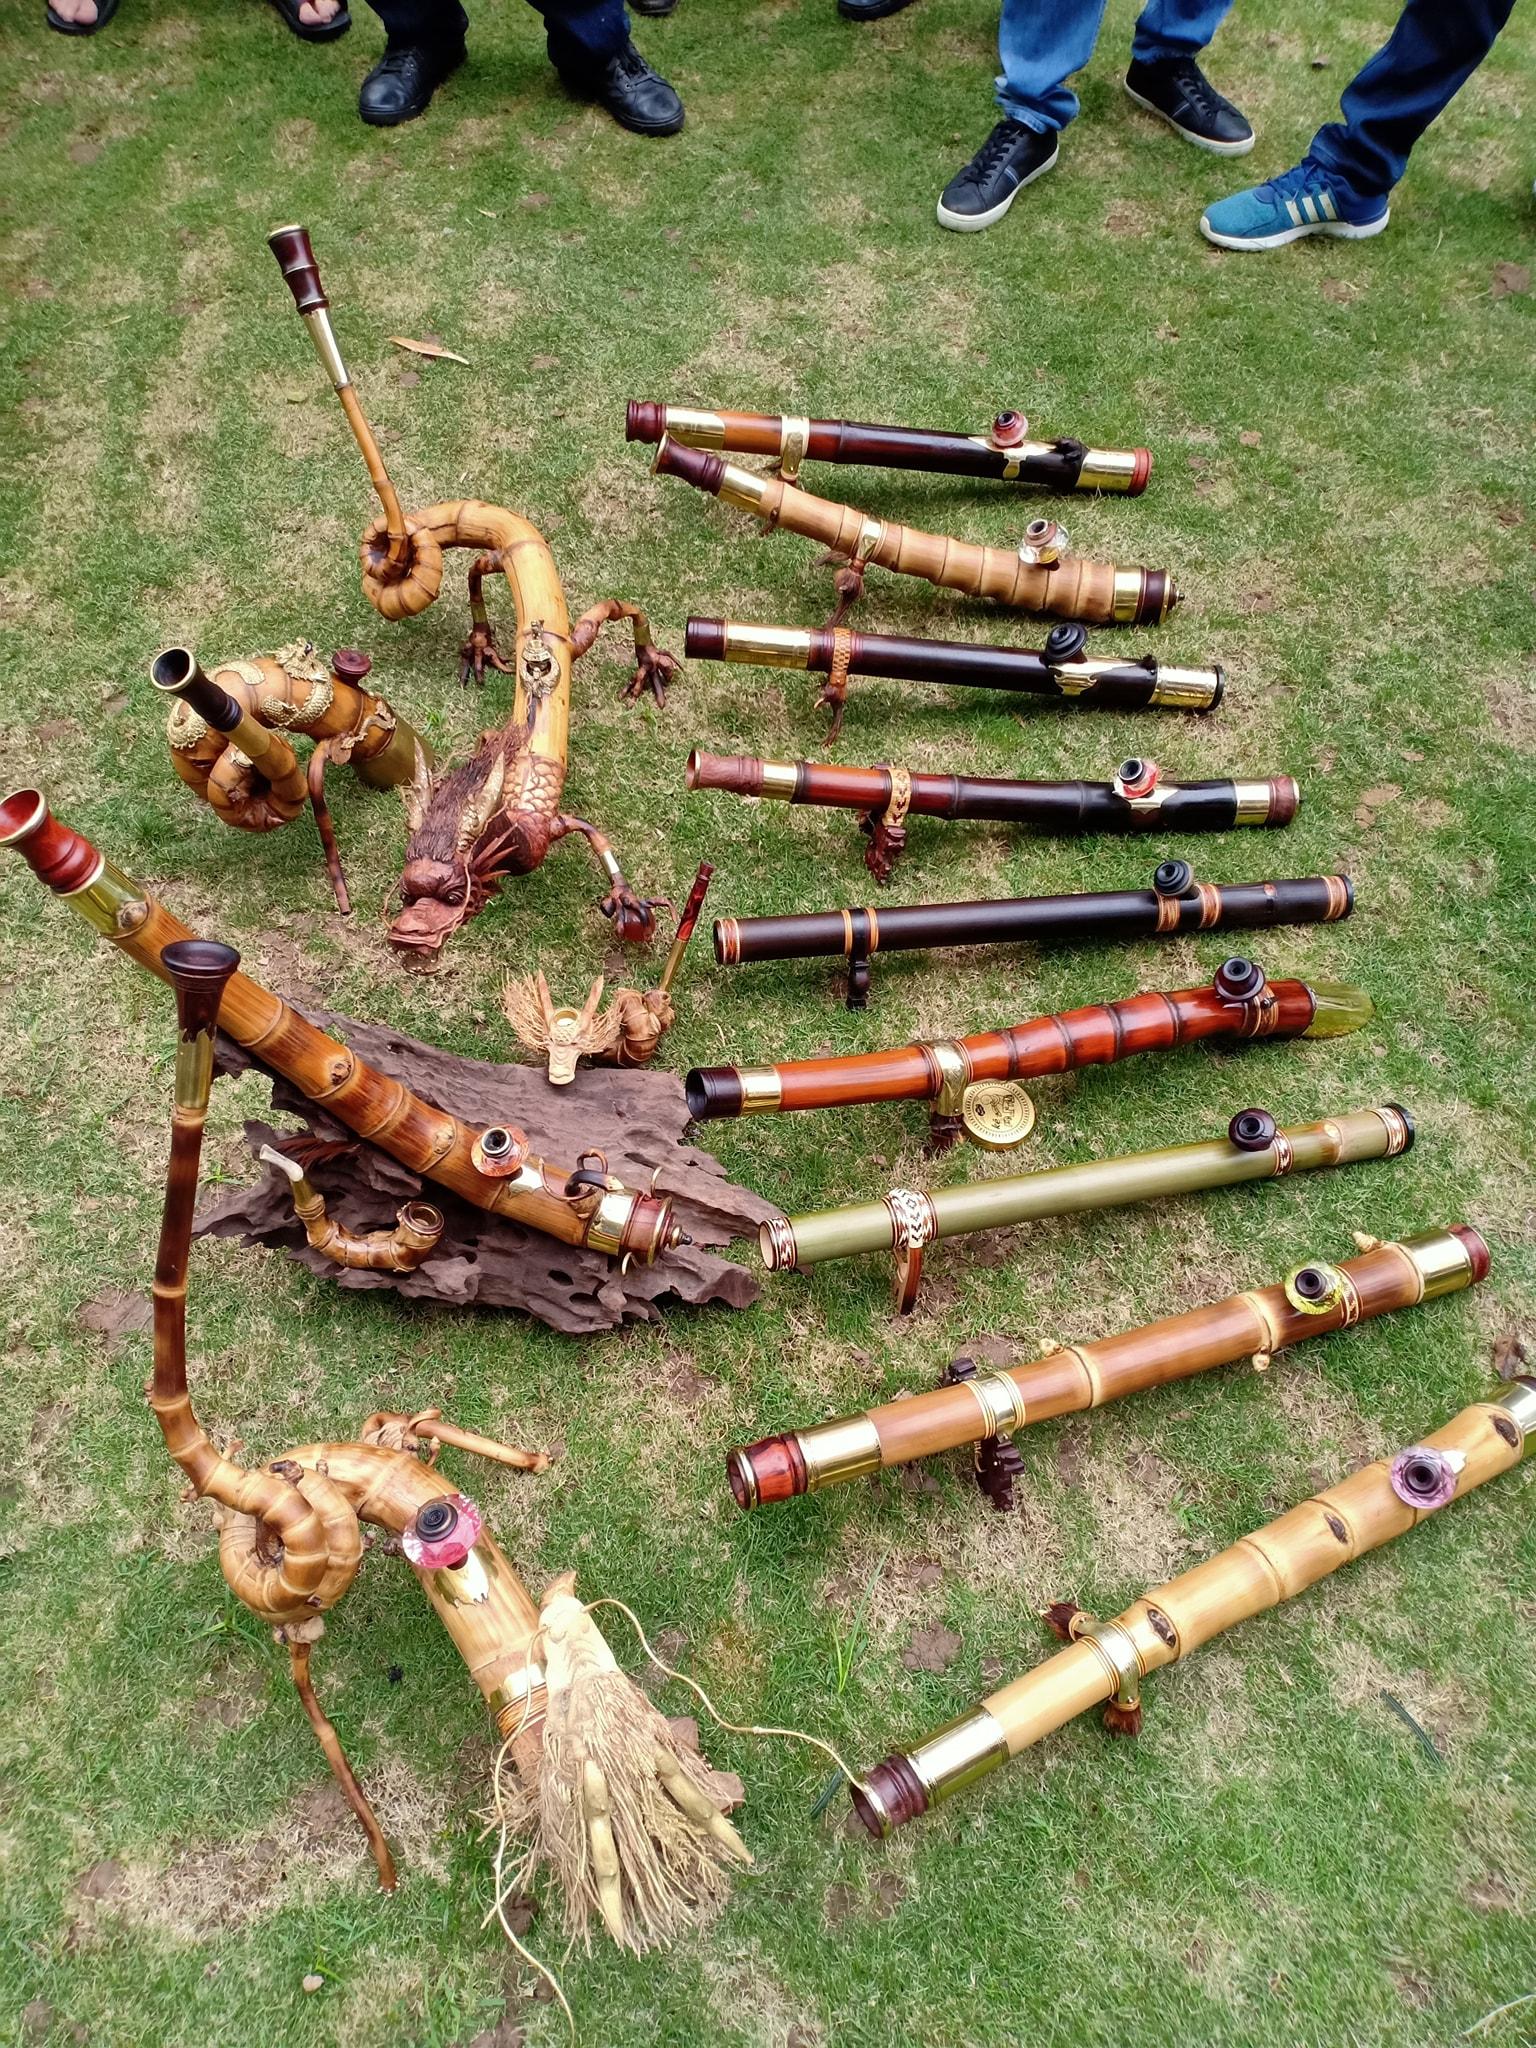 Hình ảnh về những chiếc điếu cày siêu độc có giá bạc triệu ở xứ Thanh: